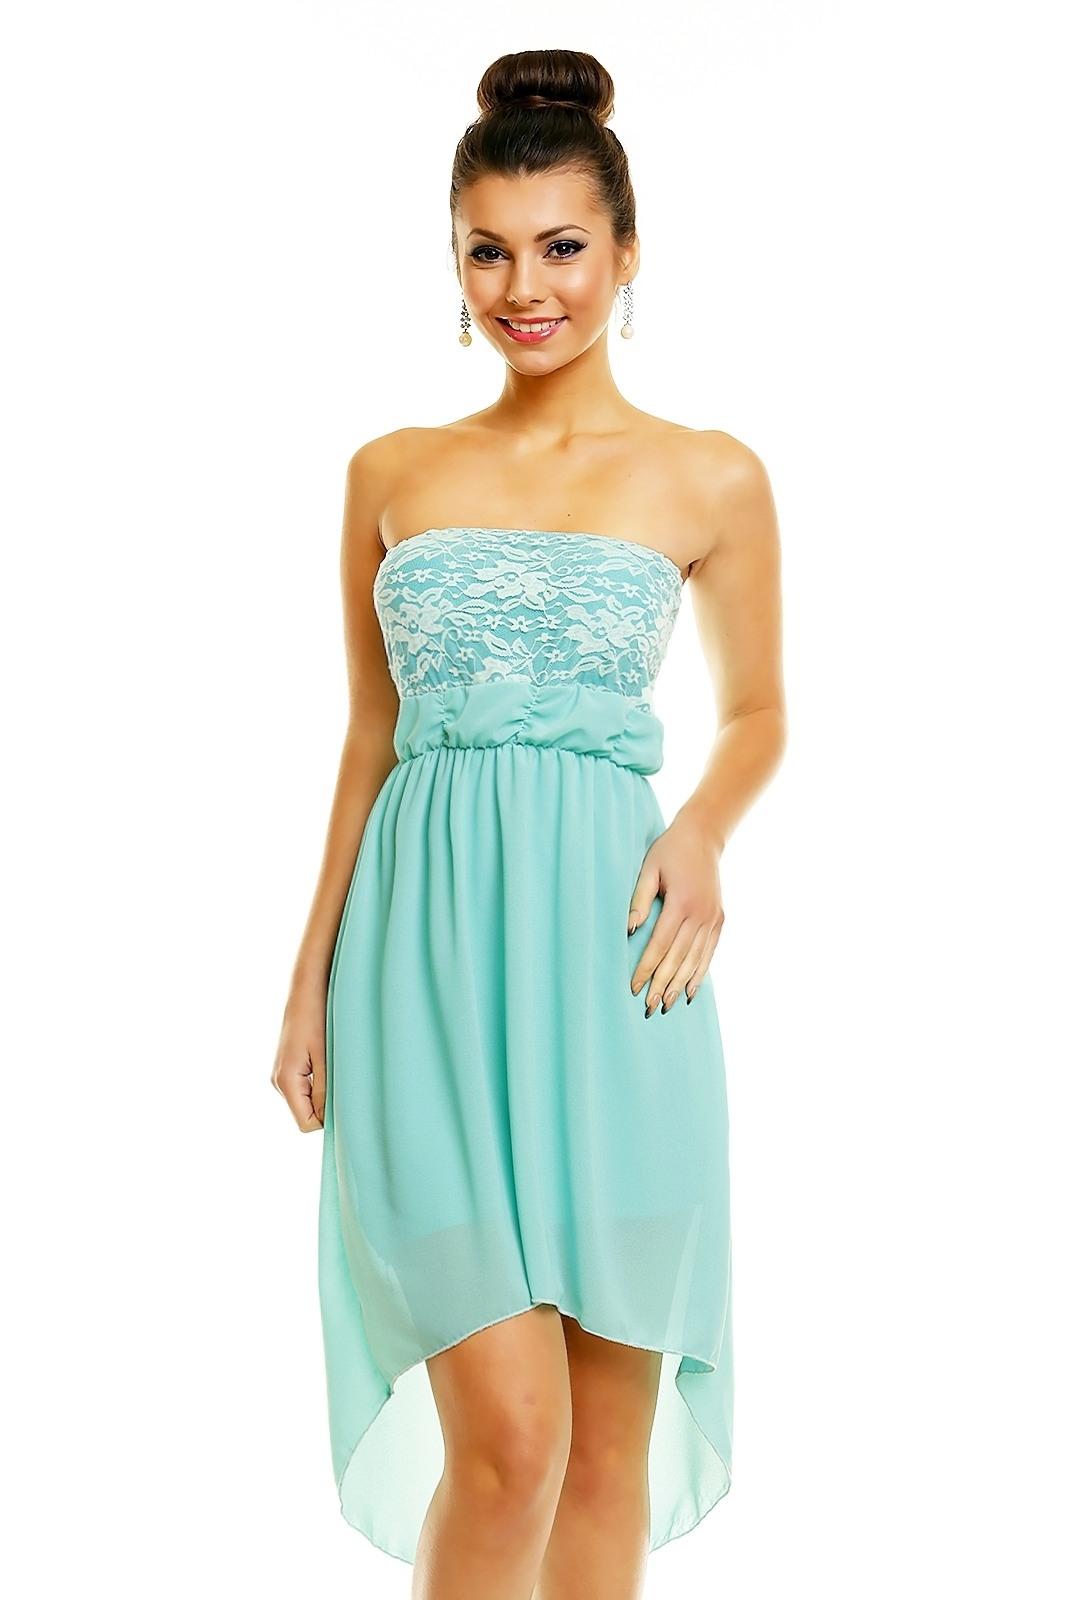 17 Fantastisch Türkise Kleider Für Hochzeit Ärmel - Abendkleid